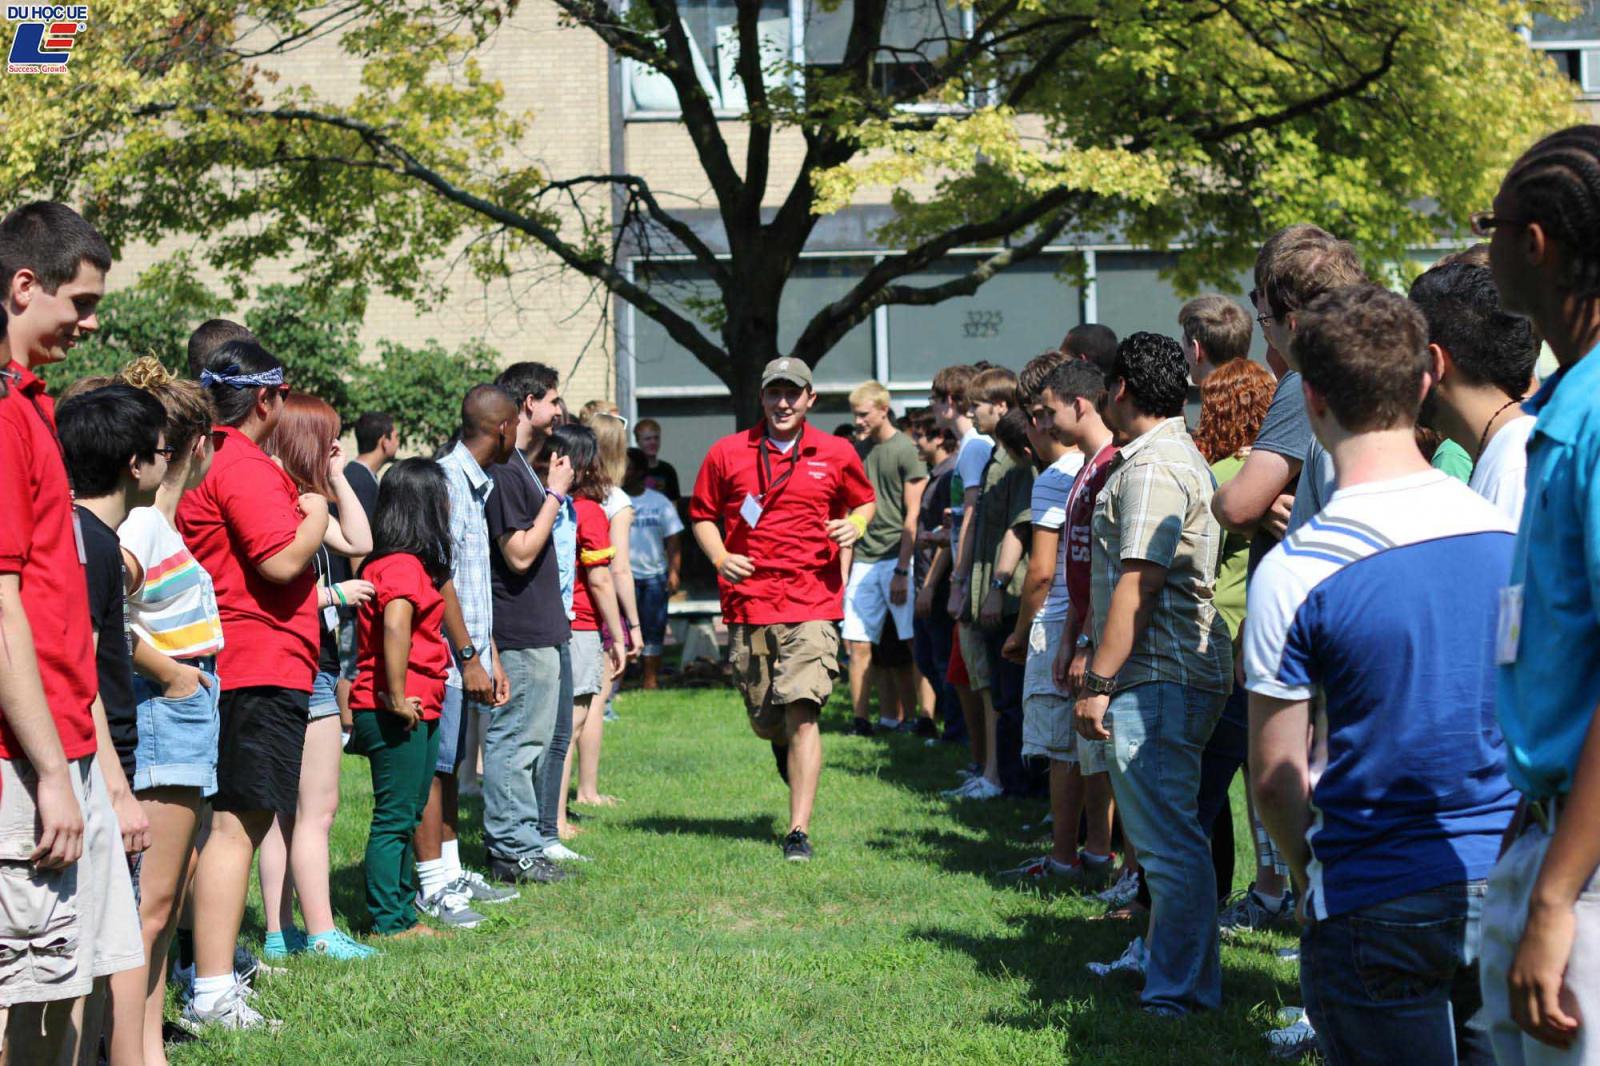 Du học dễ dàng tại Illinois Institute Of Technology (IIT) với học bổng lên tới $10,000 4